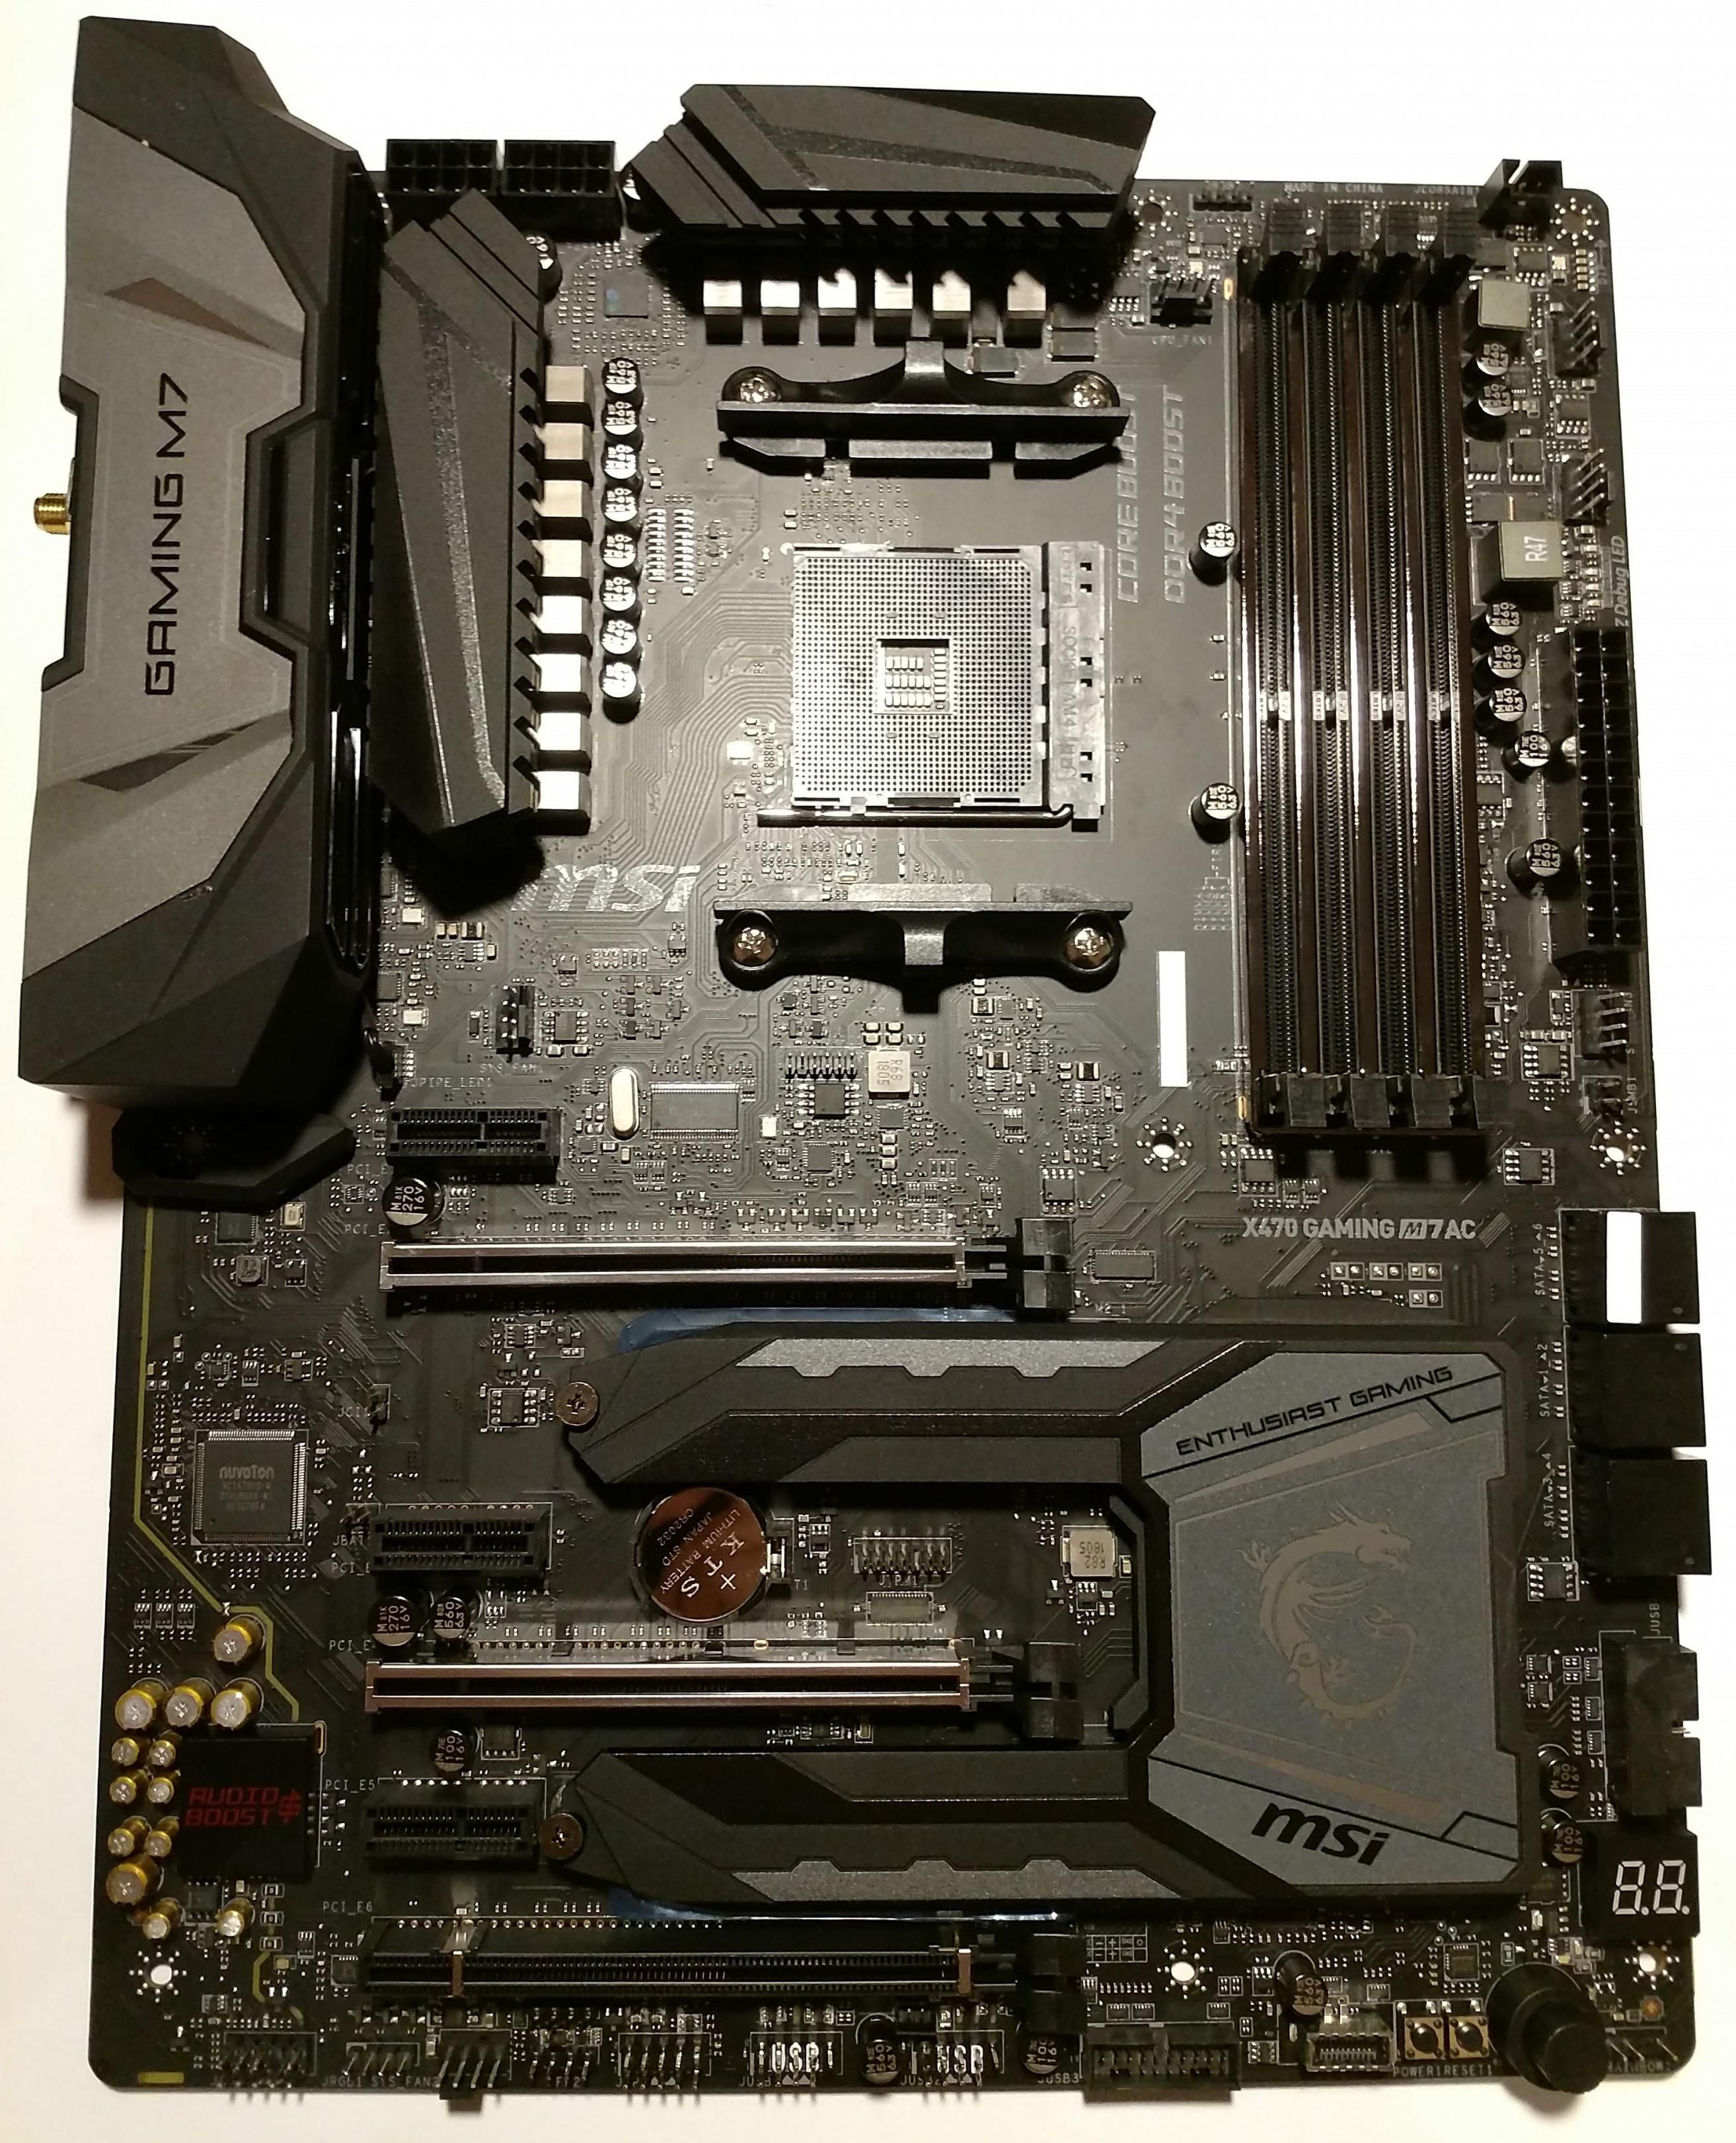 Klicken Sie auf die Grafik für eine größere Ansicht  Name:34. MSI X470 Gaming M7 AC Mainboard.jpg Hits:45 Größe:2,24 MB ID:1000579